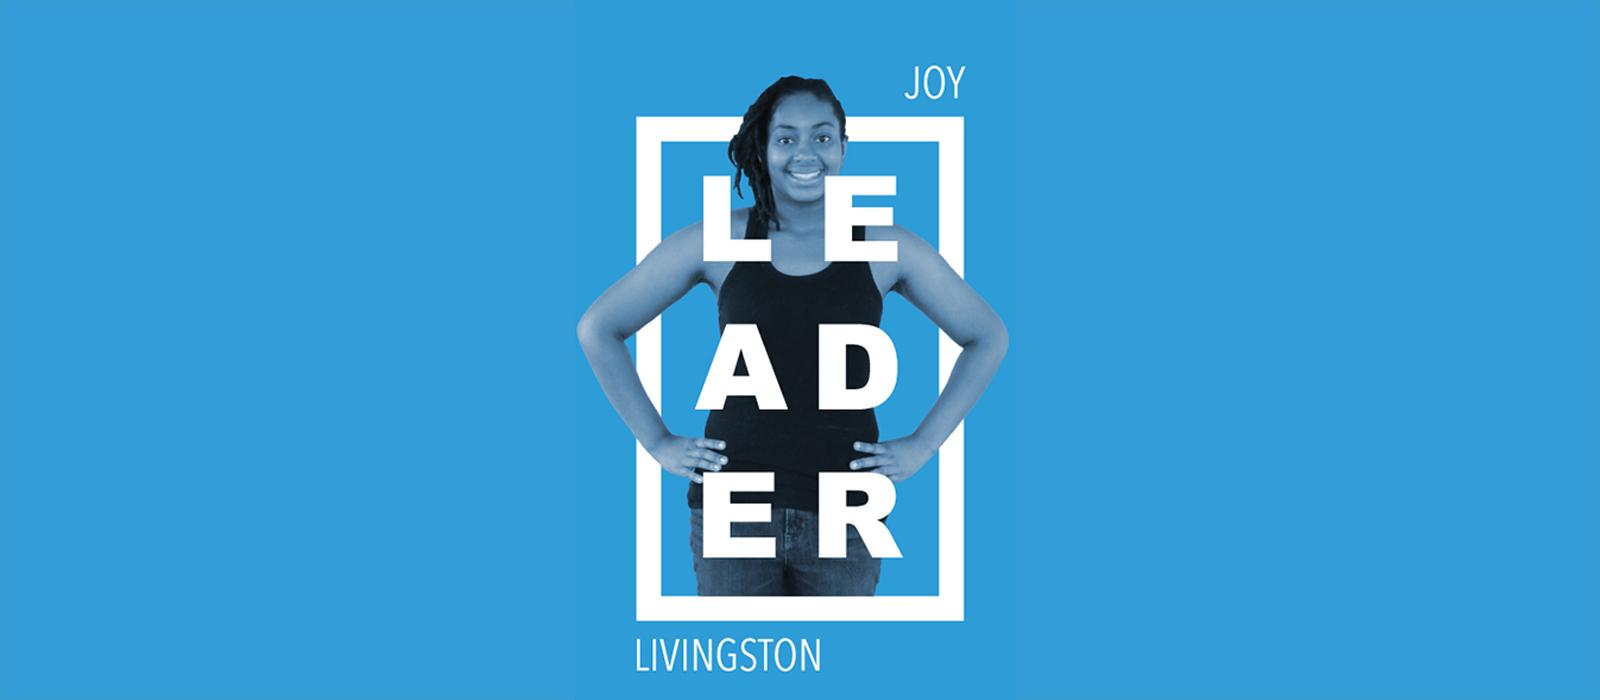 joy-lead-web-img-1600x700